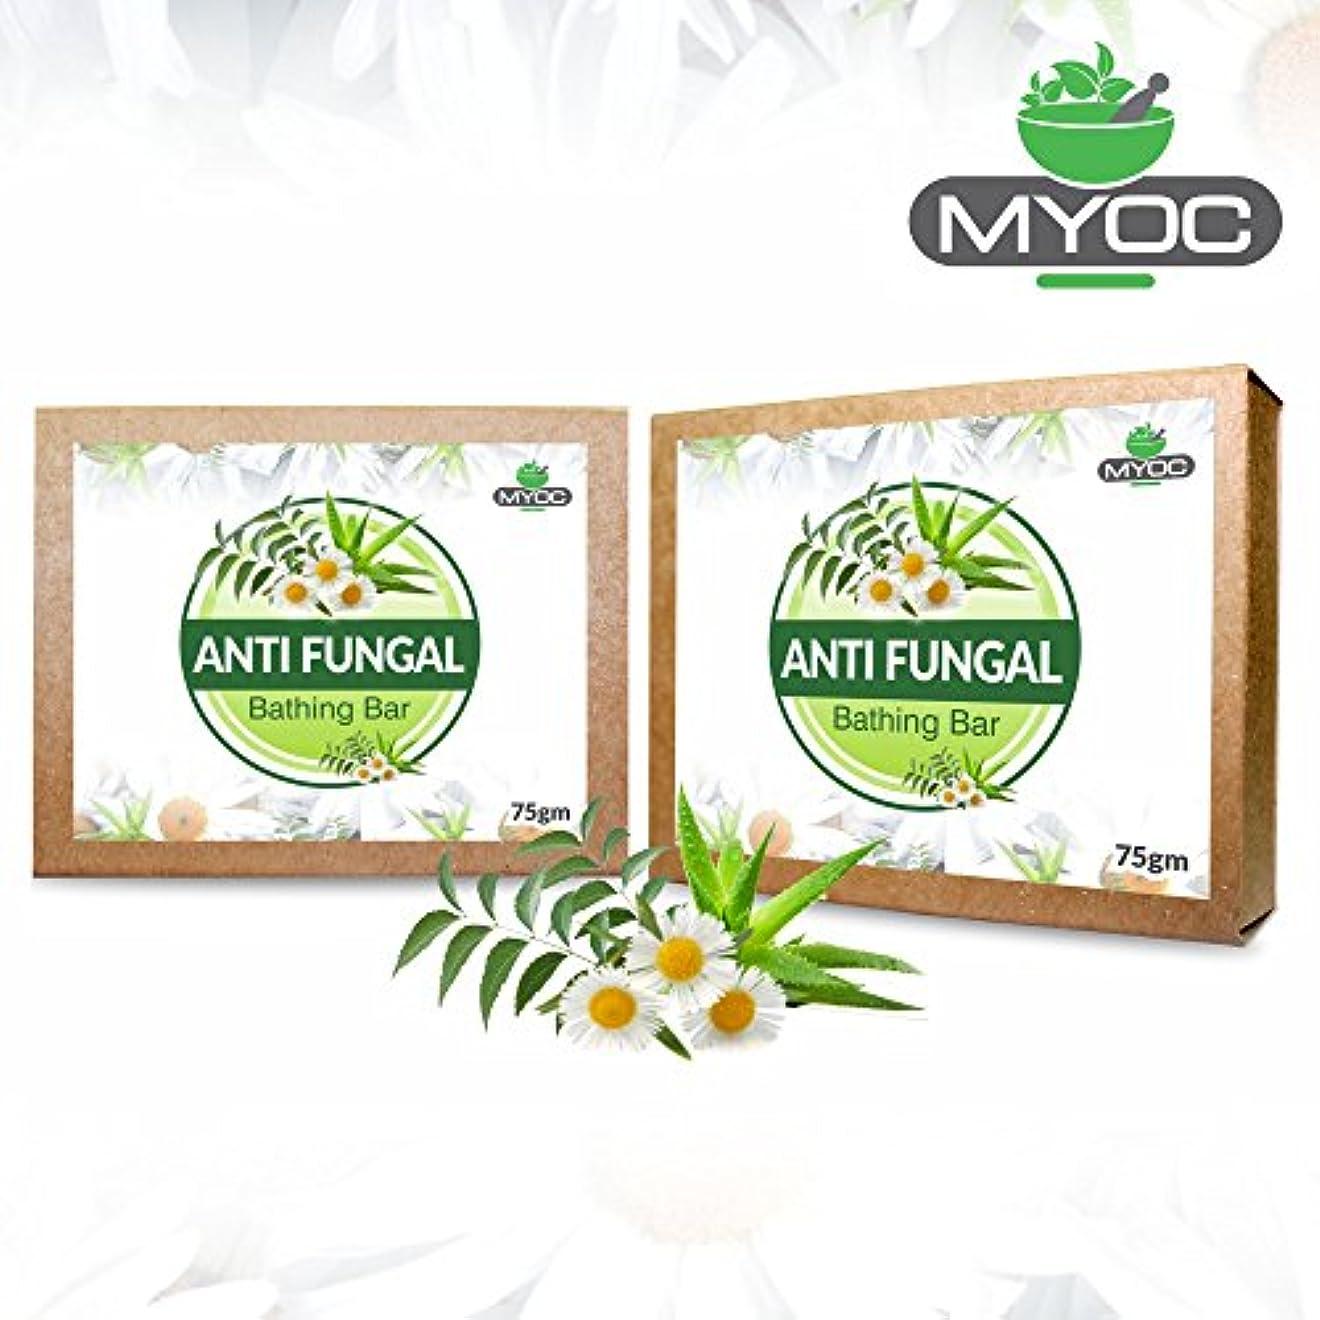 ブランチ公平な鳥Neem oil, Aloe Vera, Chamomile, Vitamin E and Glycerine soap for athletes foot, jocks ictch and fungal infections...